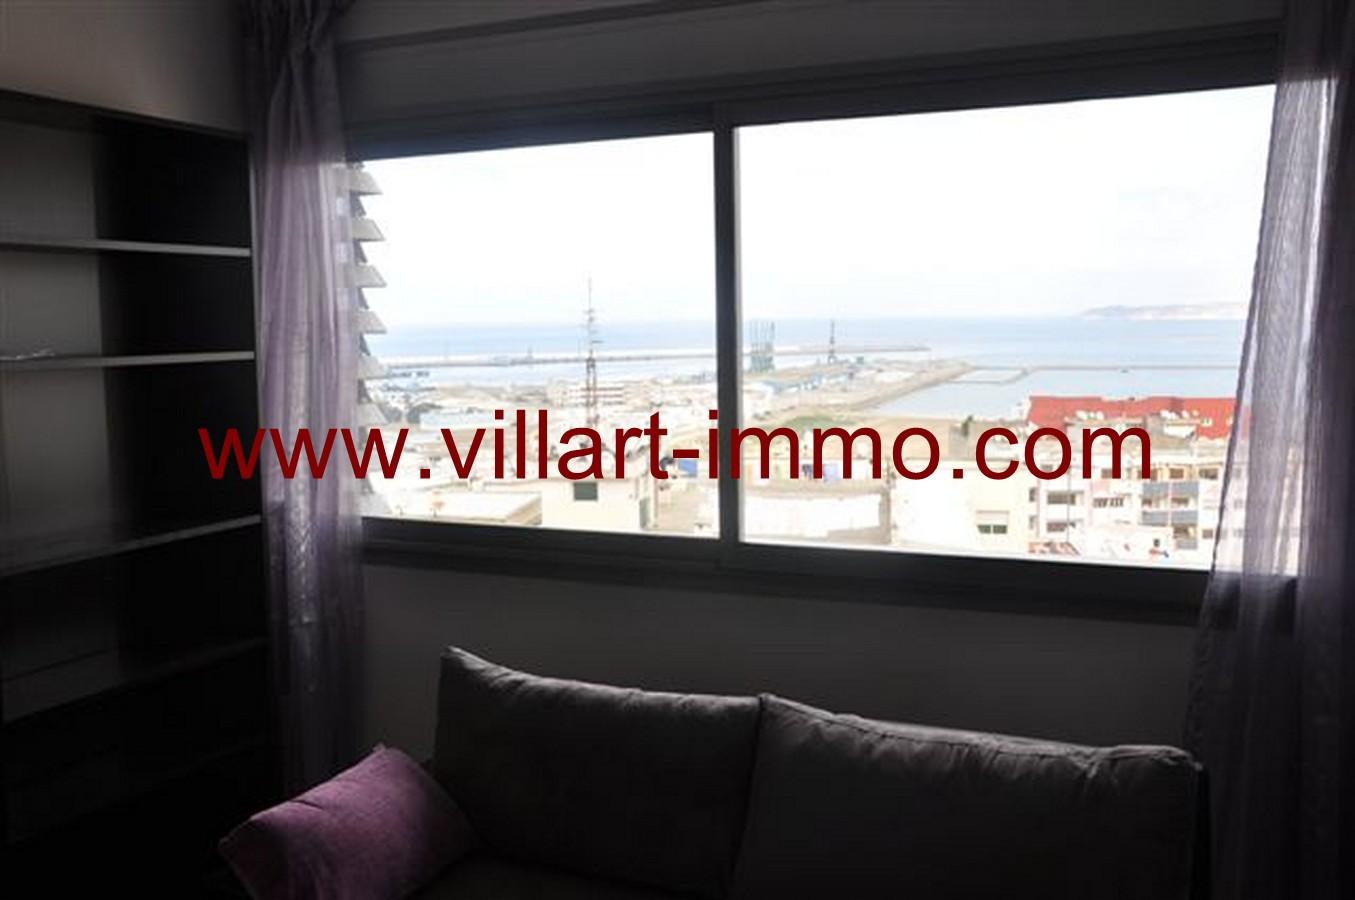 2-Location-Appartement-Meublé-Tanger-Centre ville-Salon'-L131-Villart immo